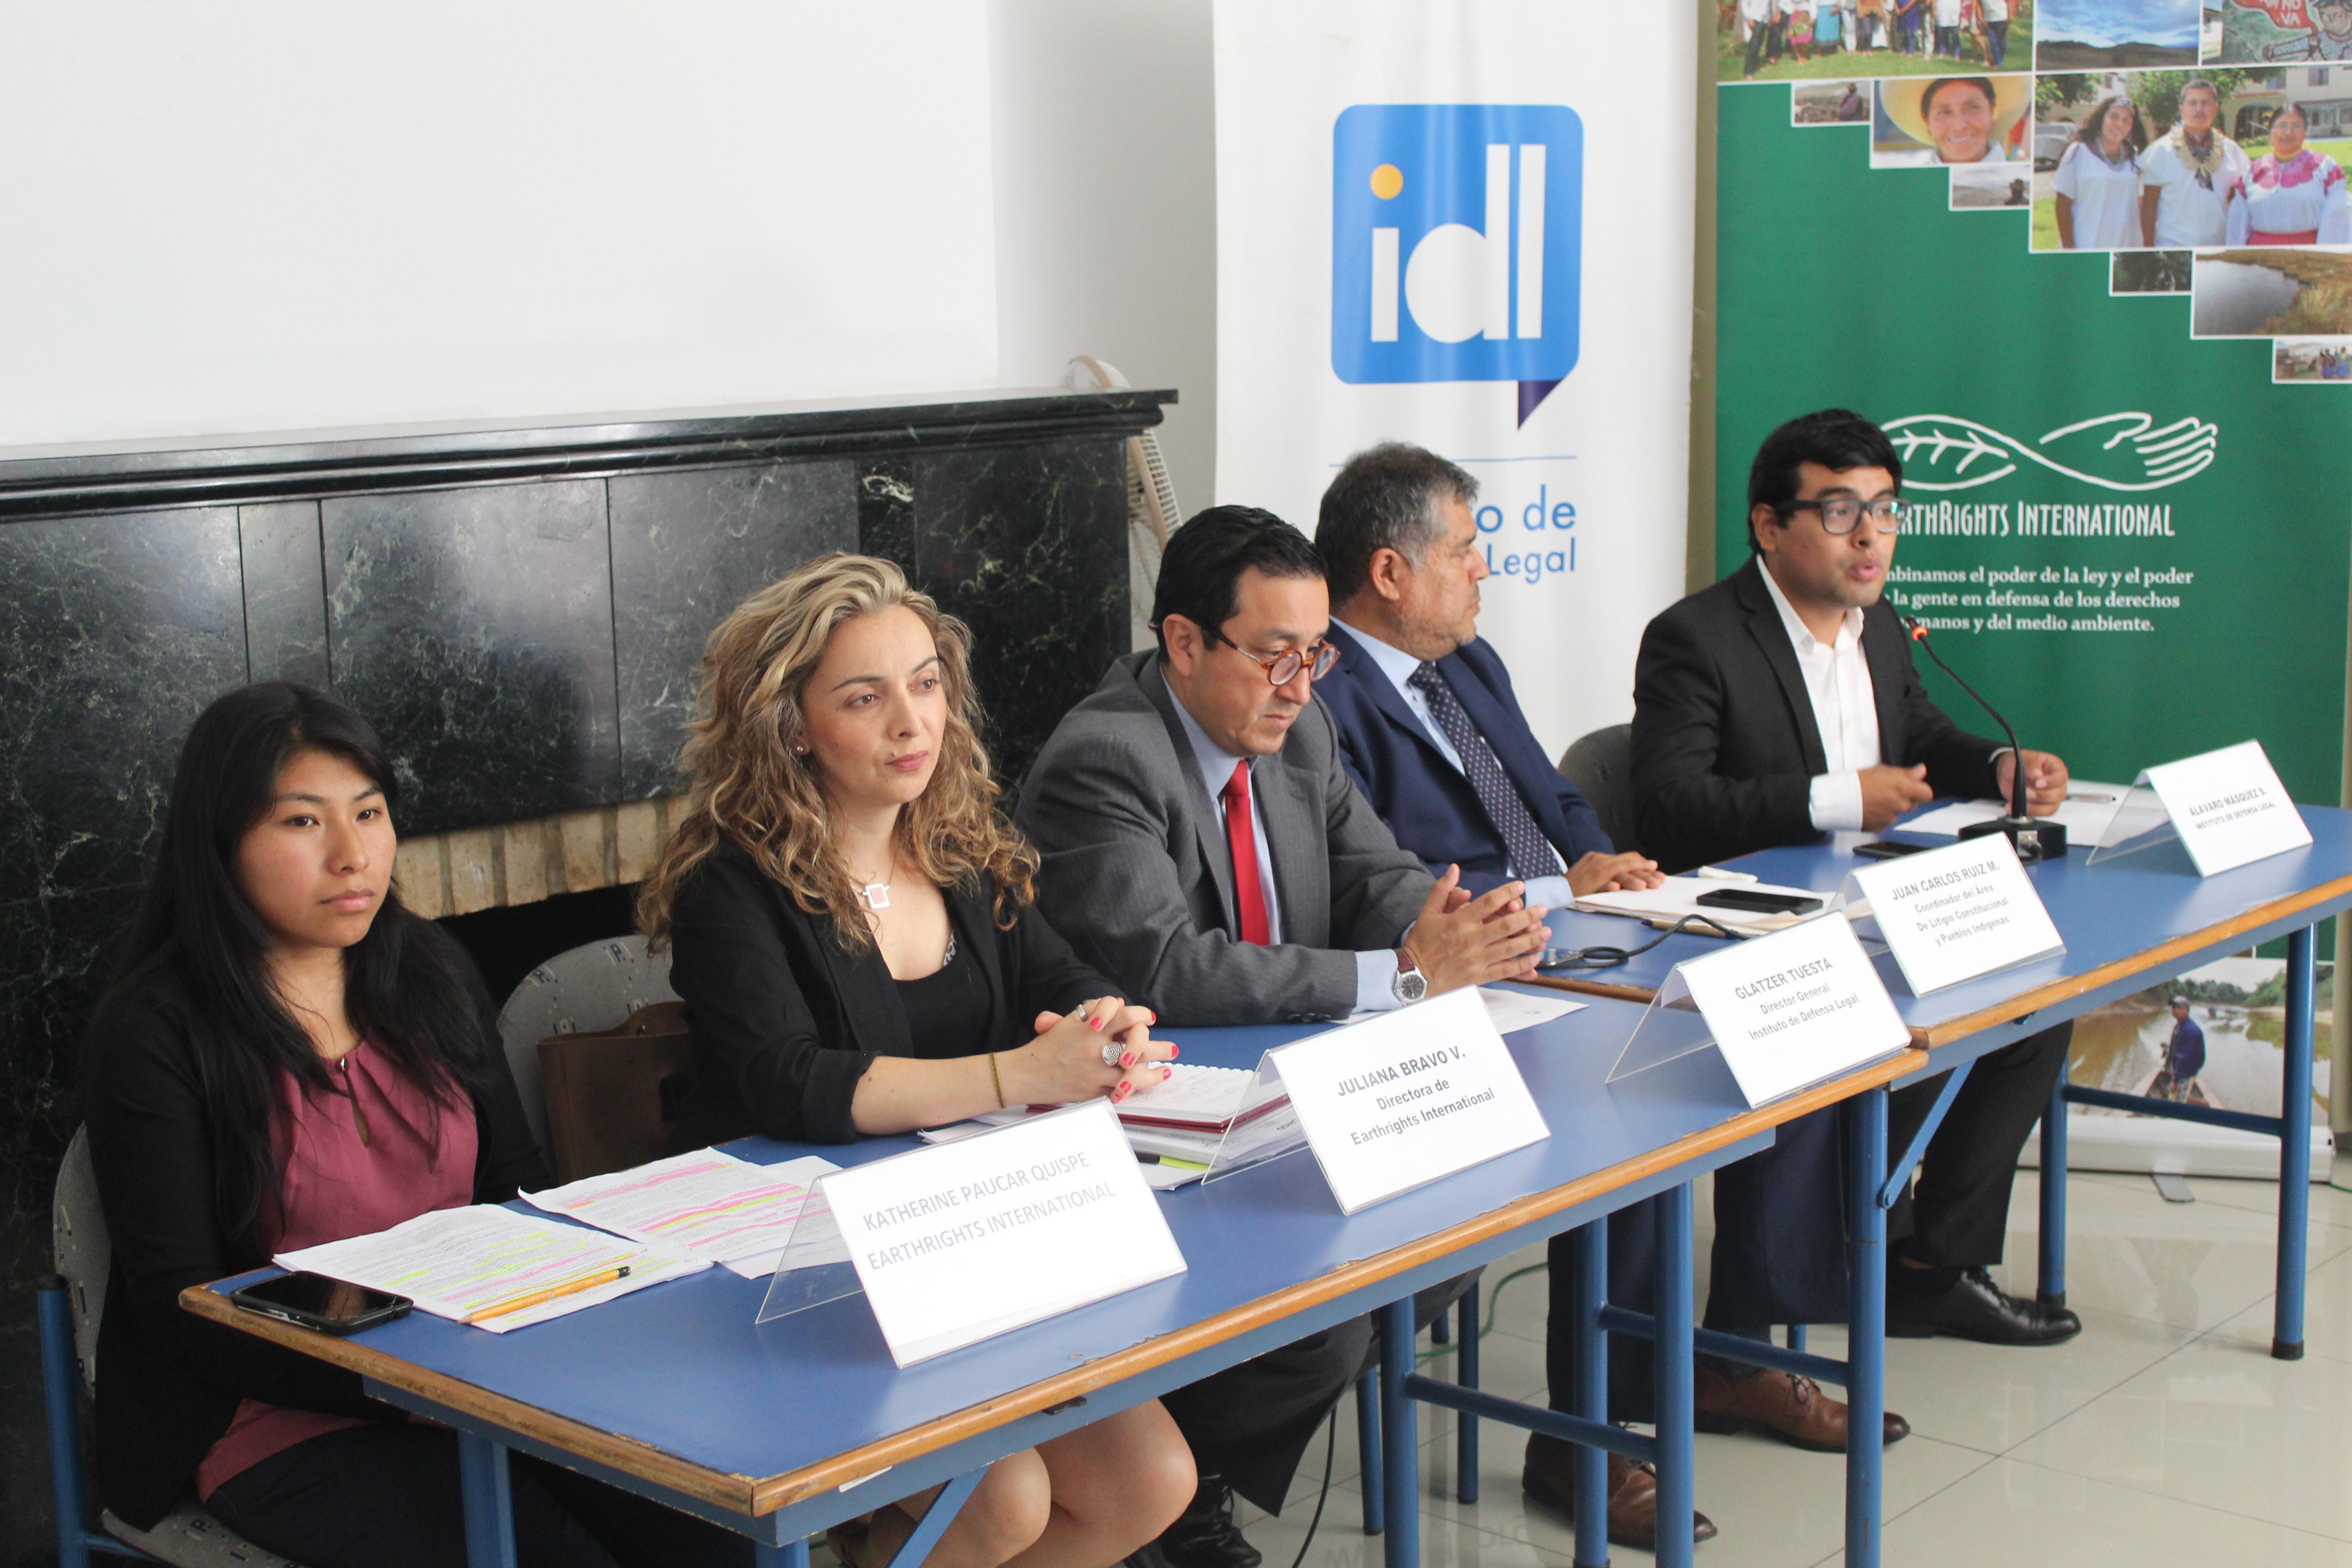 Presentan demanda de inconstitucionalidad contra convenios entre mineras y la Policía Nacional (Lamula.pe)